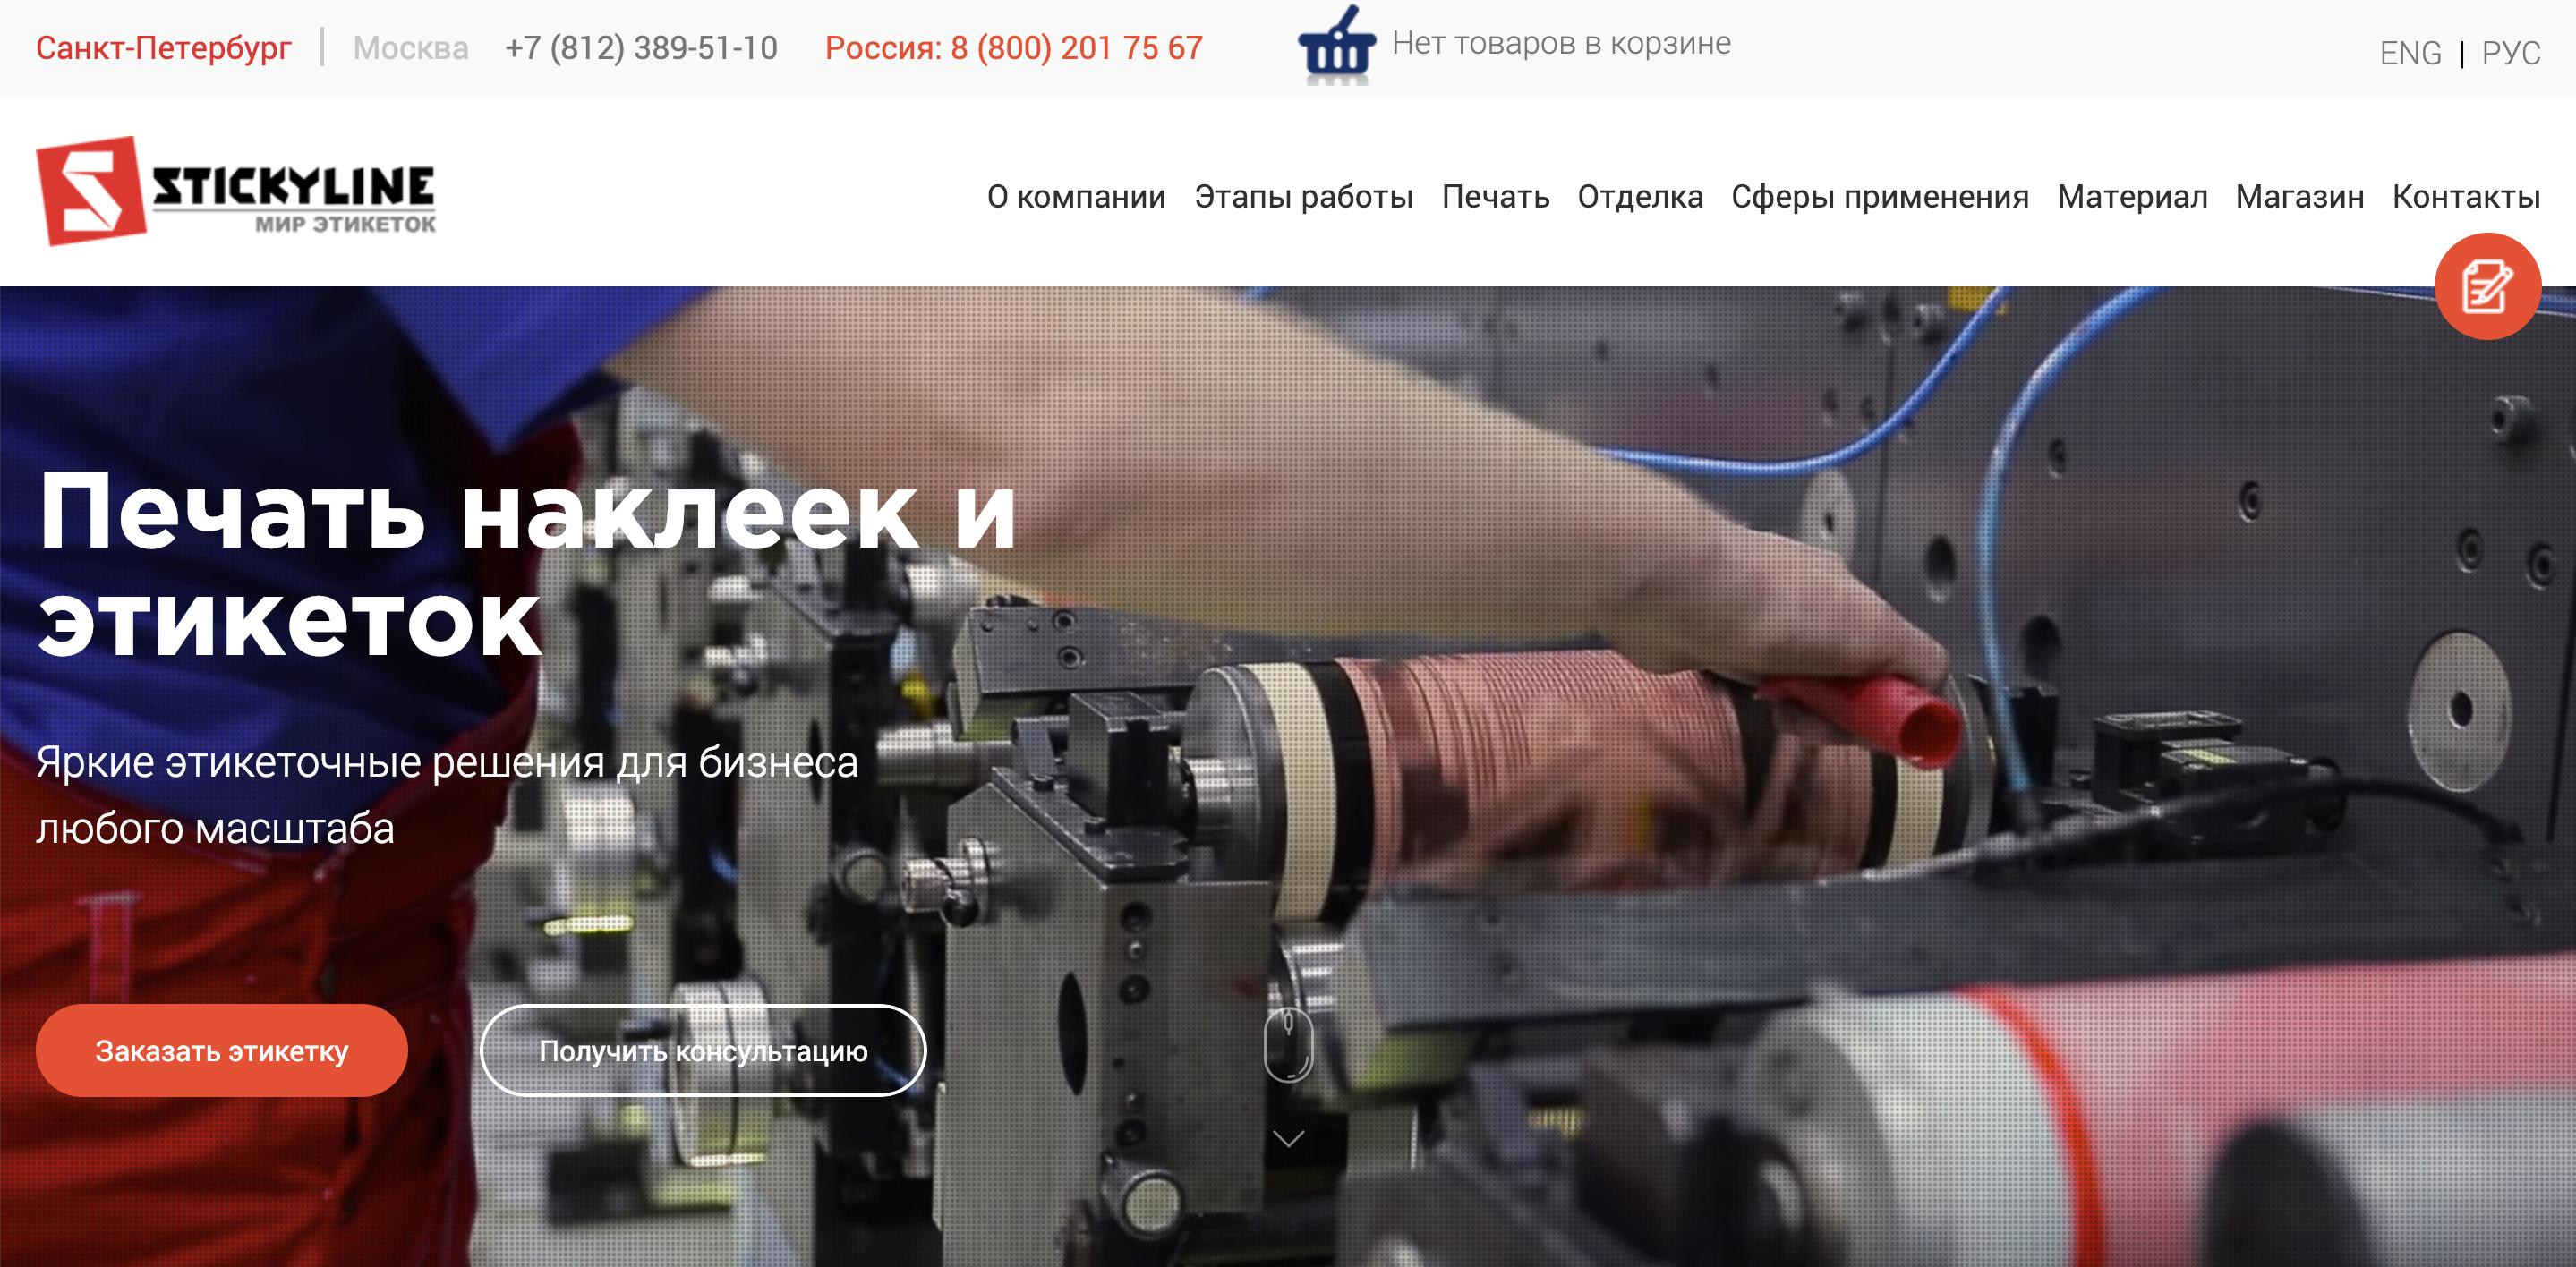 СЕО оптимизация сайта производственной компании